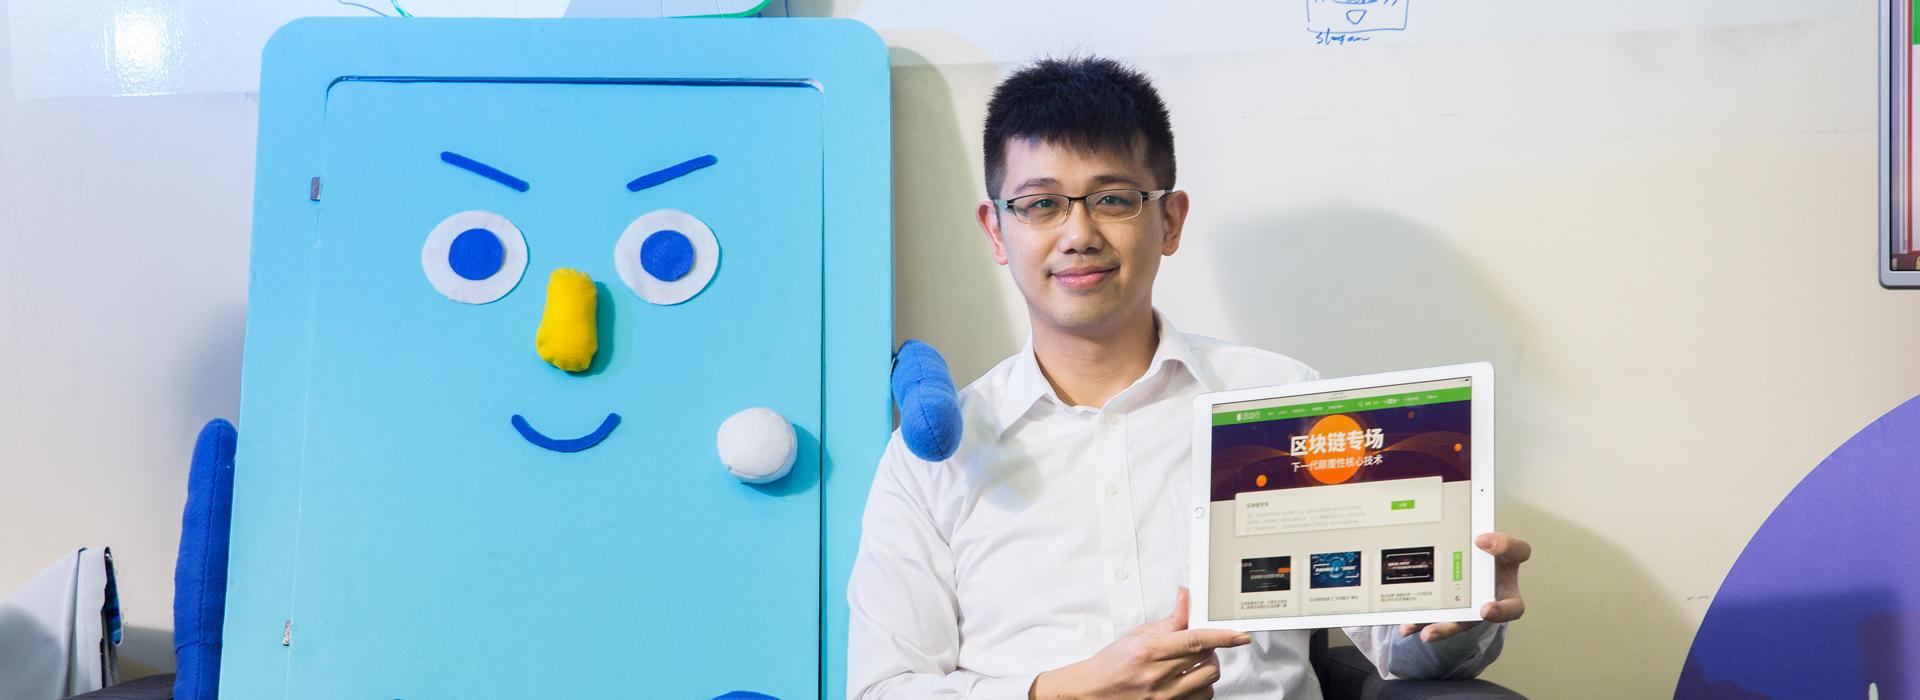 中國最大活動平台 台灣小子創的